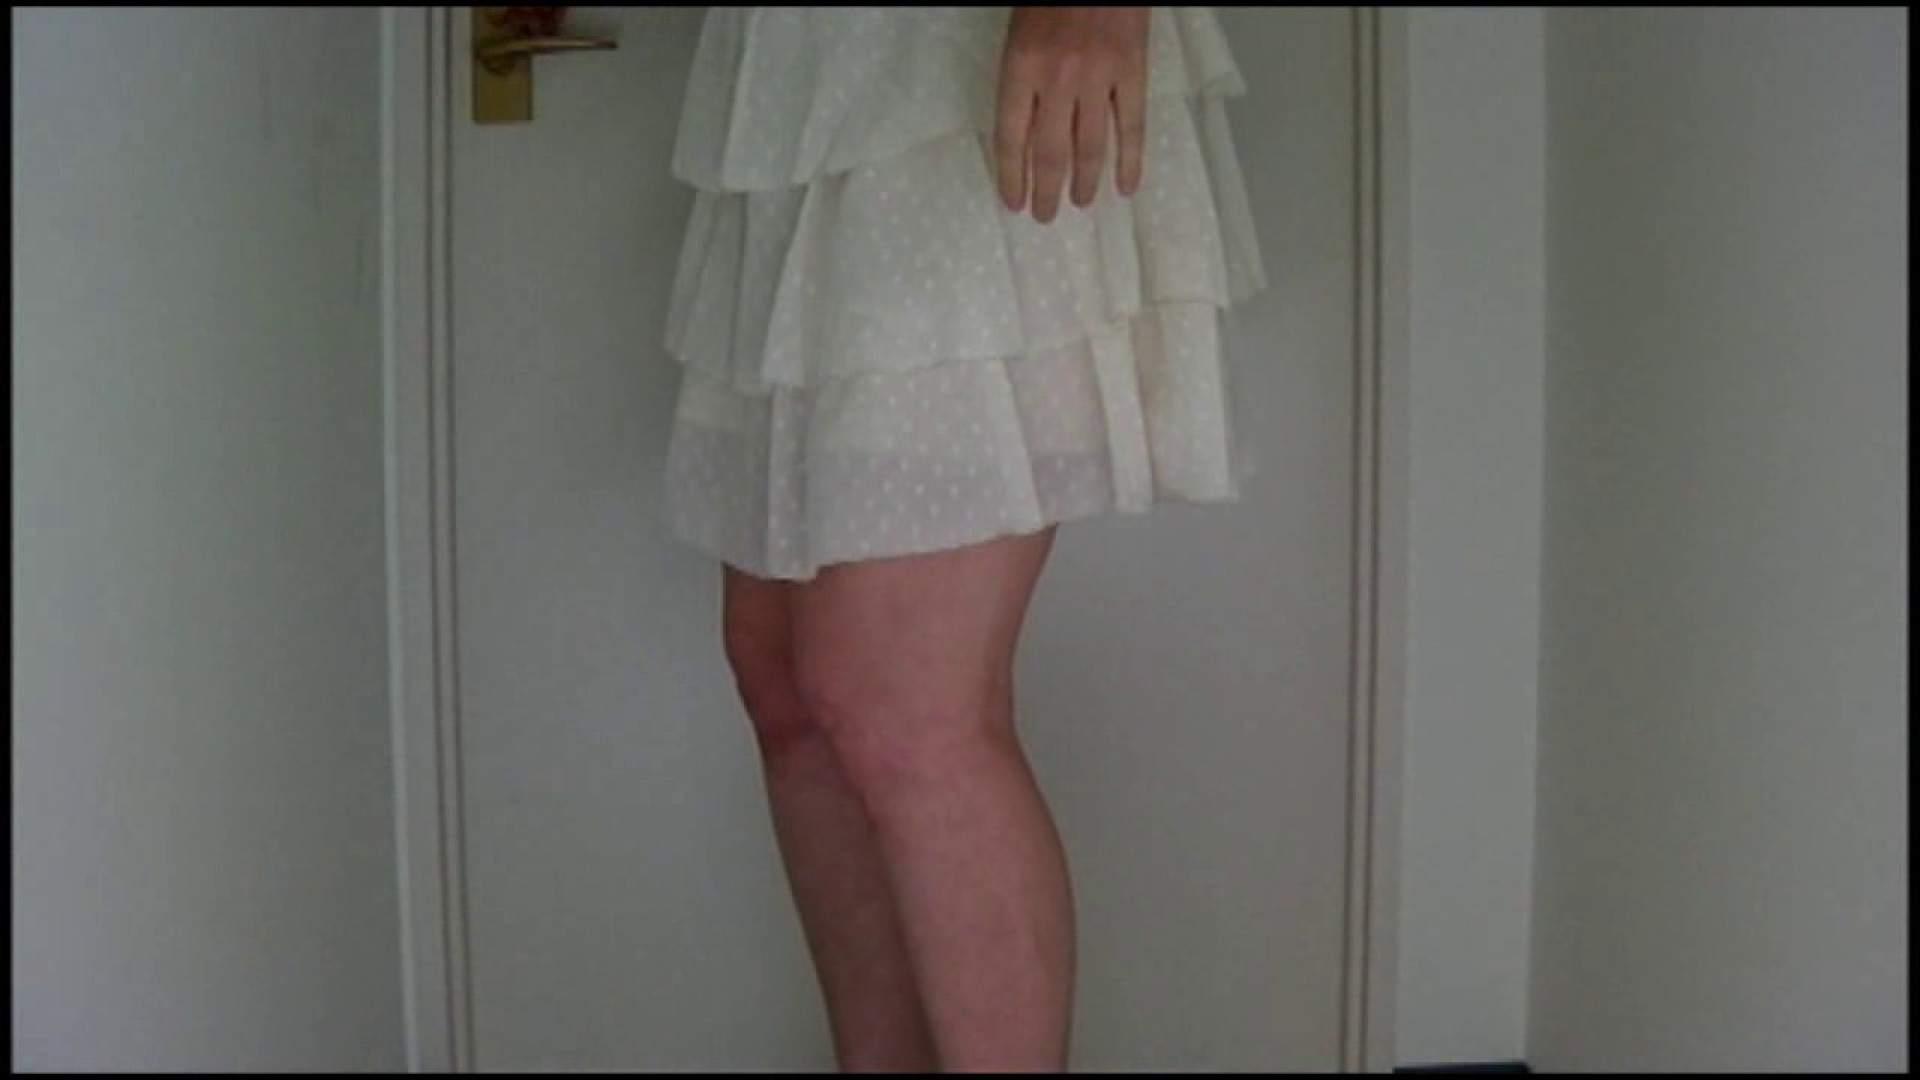 和式にまたがる女たちを待ちうけるカメラの衝撃映像vol.01 OLセックス 盗み撮りSEX無修正画像 89画像 56